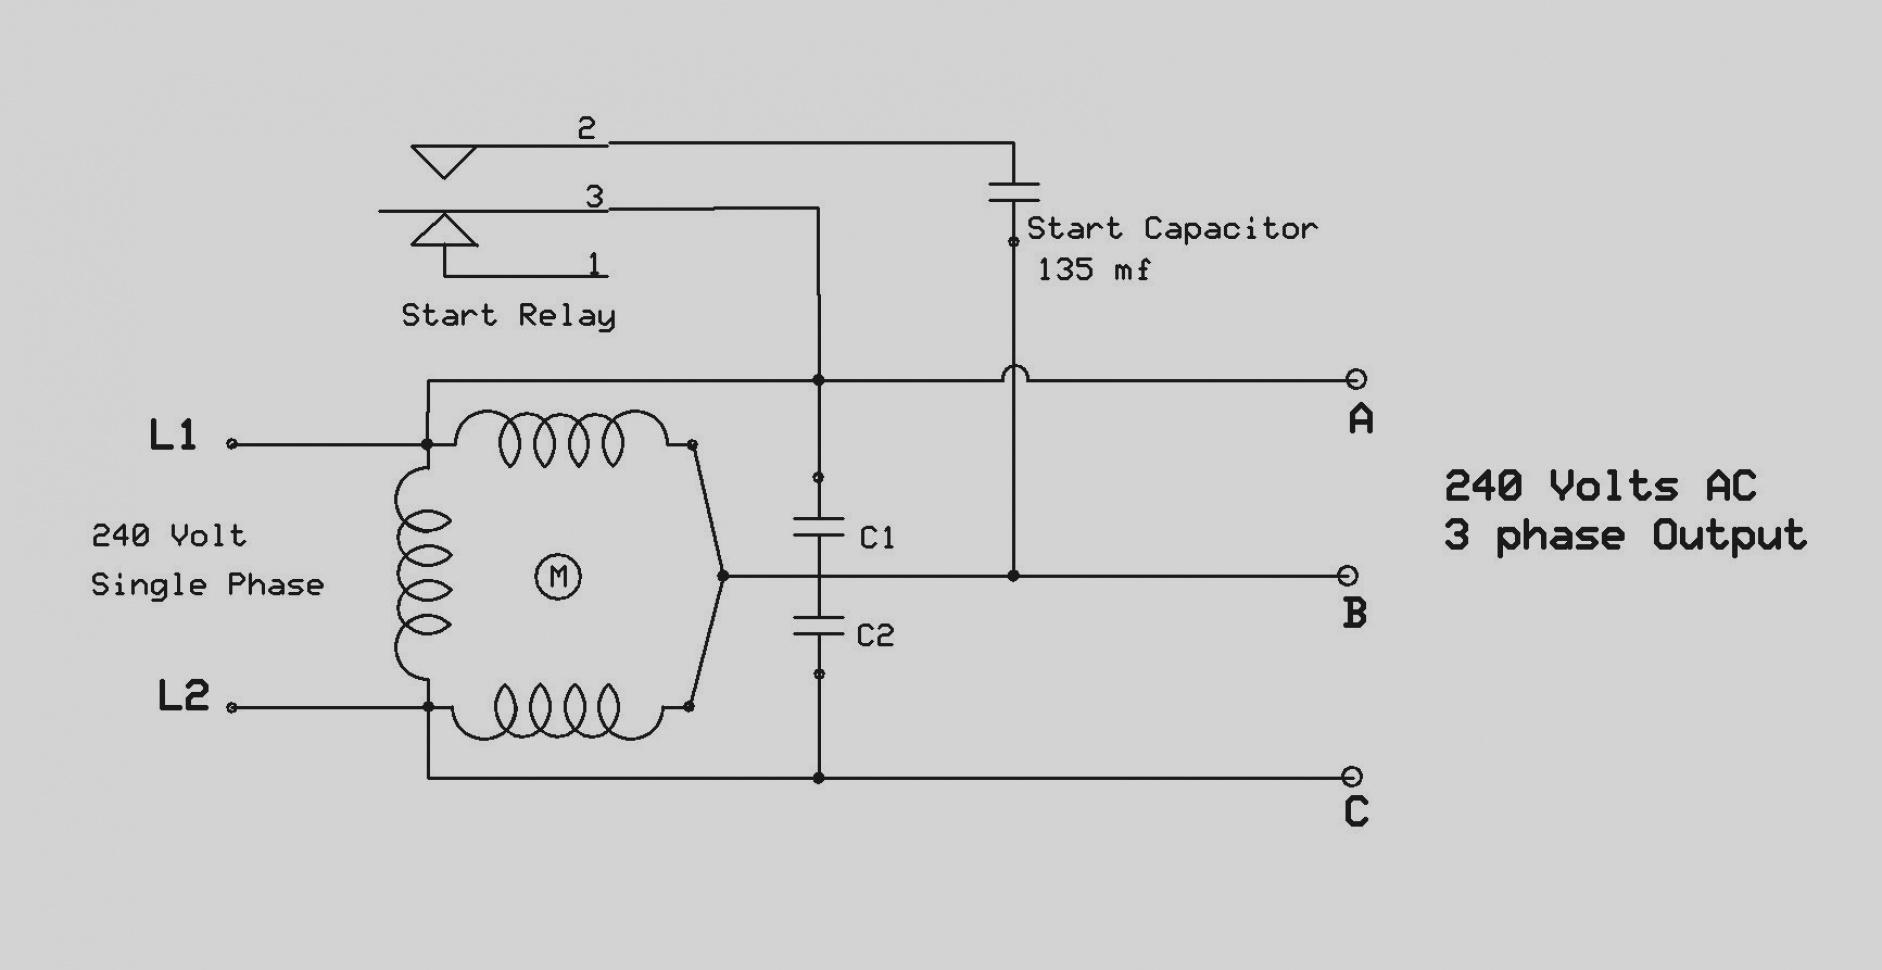 baldor 1 5 hp wiring diagram 3 nuerasolar co \u20221 5 hp baldor electric motor wiring diagram schematic diagram rh 24 3dpd co baldor 2 hp wiring diagram 3 phase baldor motor wiring diagrams